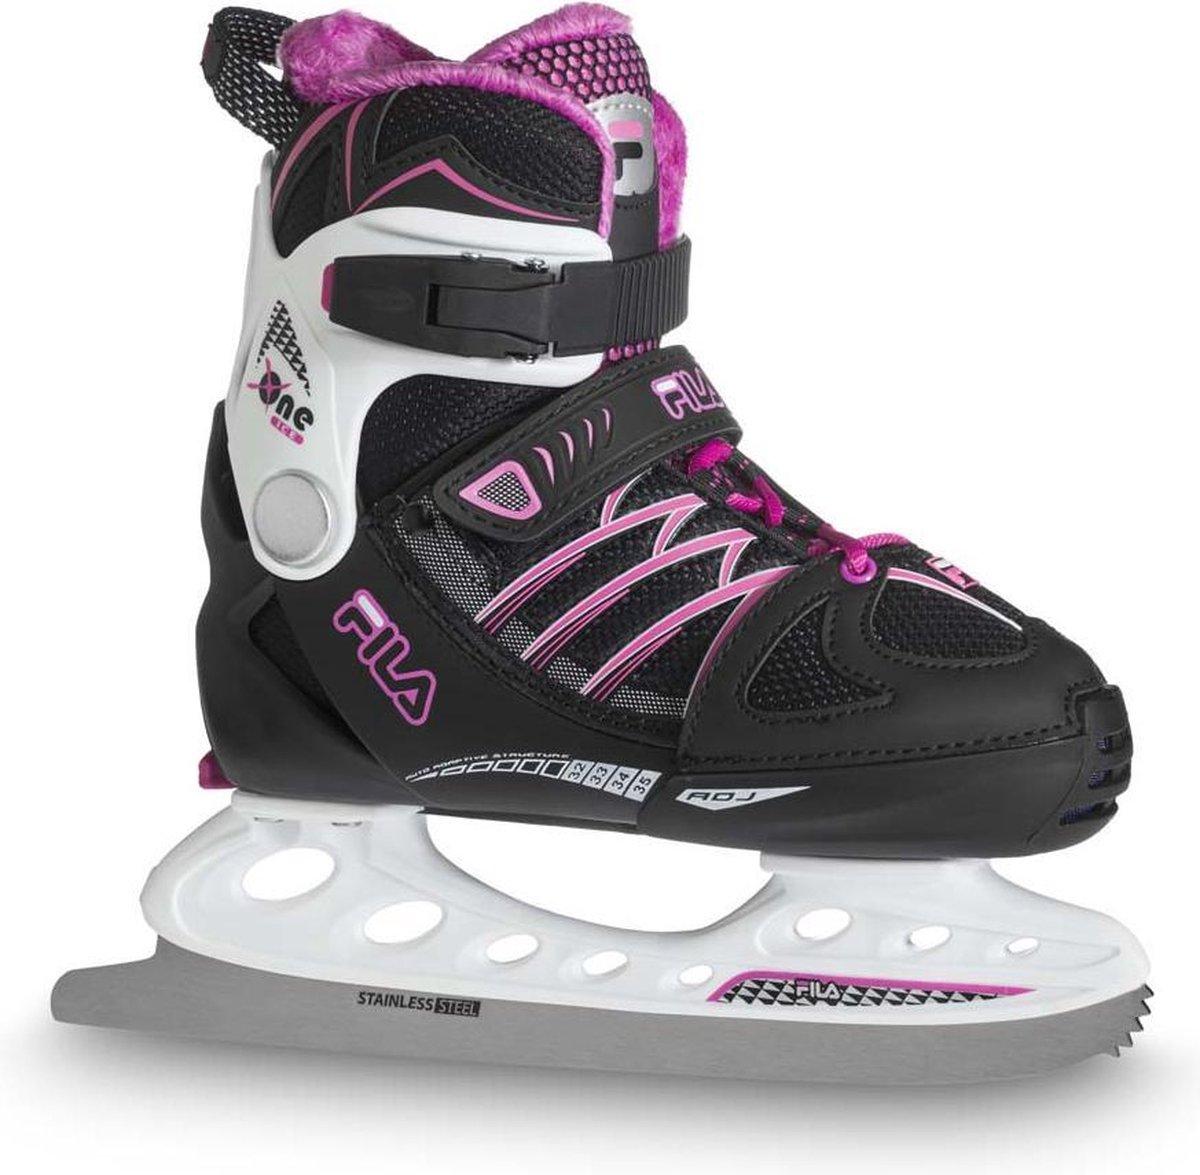 Fila - X-one ice 20 Girl - Schaatsen voor kinderen - Maat 32-35 - Roze - IJshockeyschaats voor kinderen